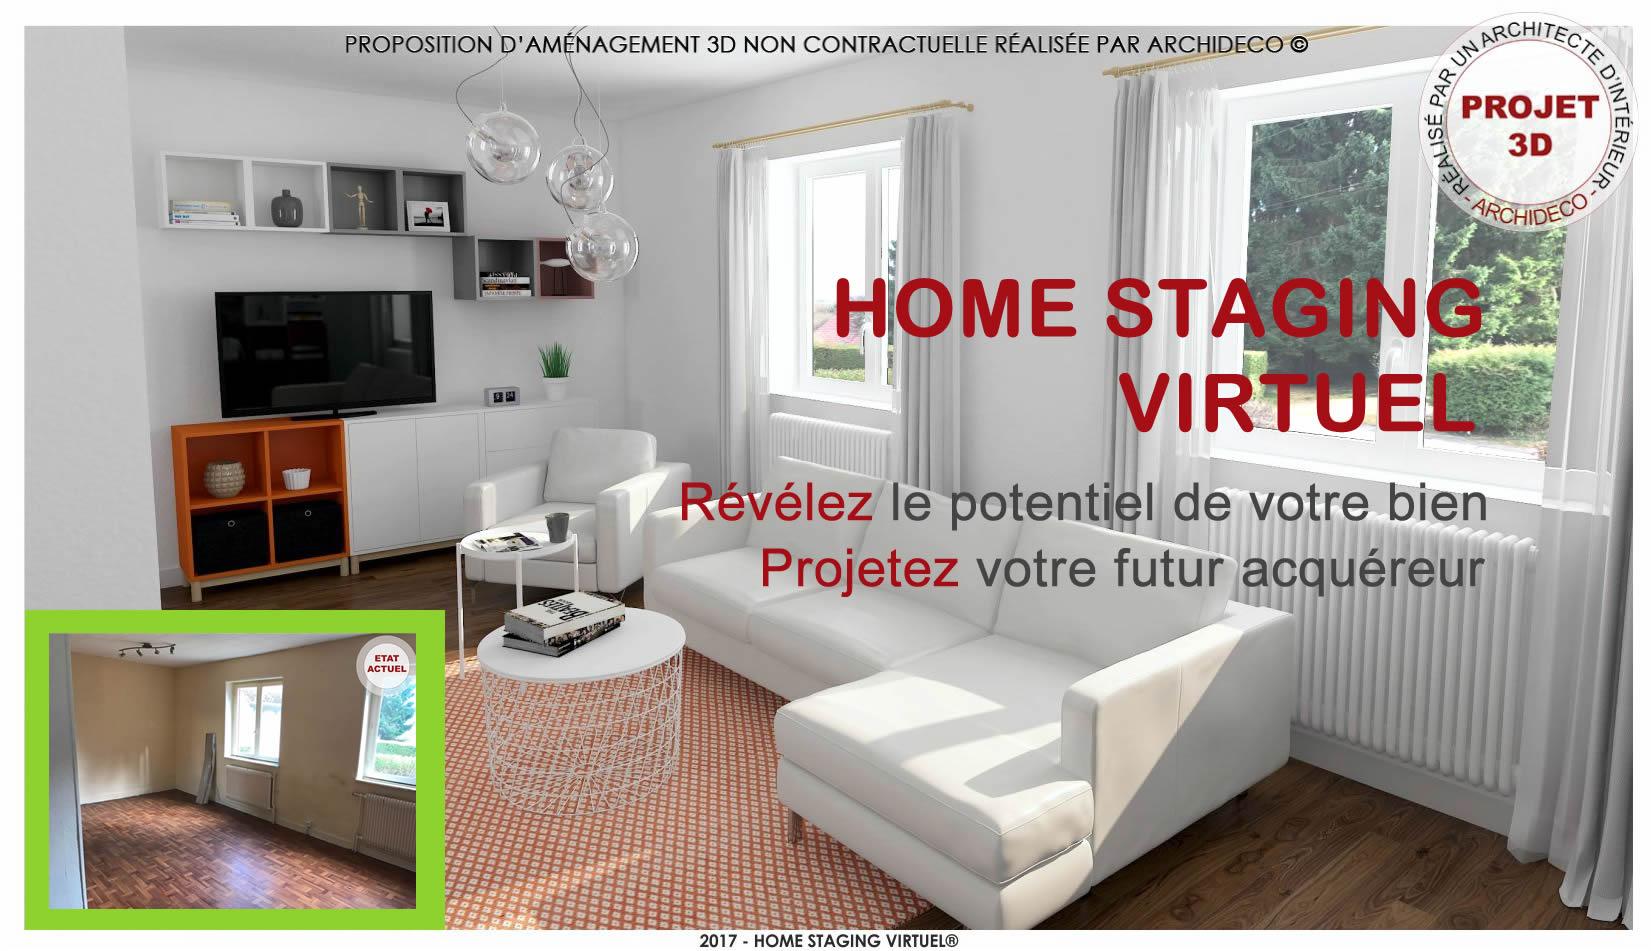 maison appartement achat vente sur delle et territoire de belfort 90 delle immobilier. Black Bedroom Furniture Sets. Home Design Ideas